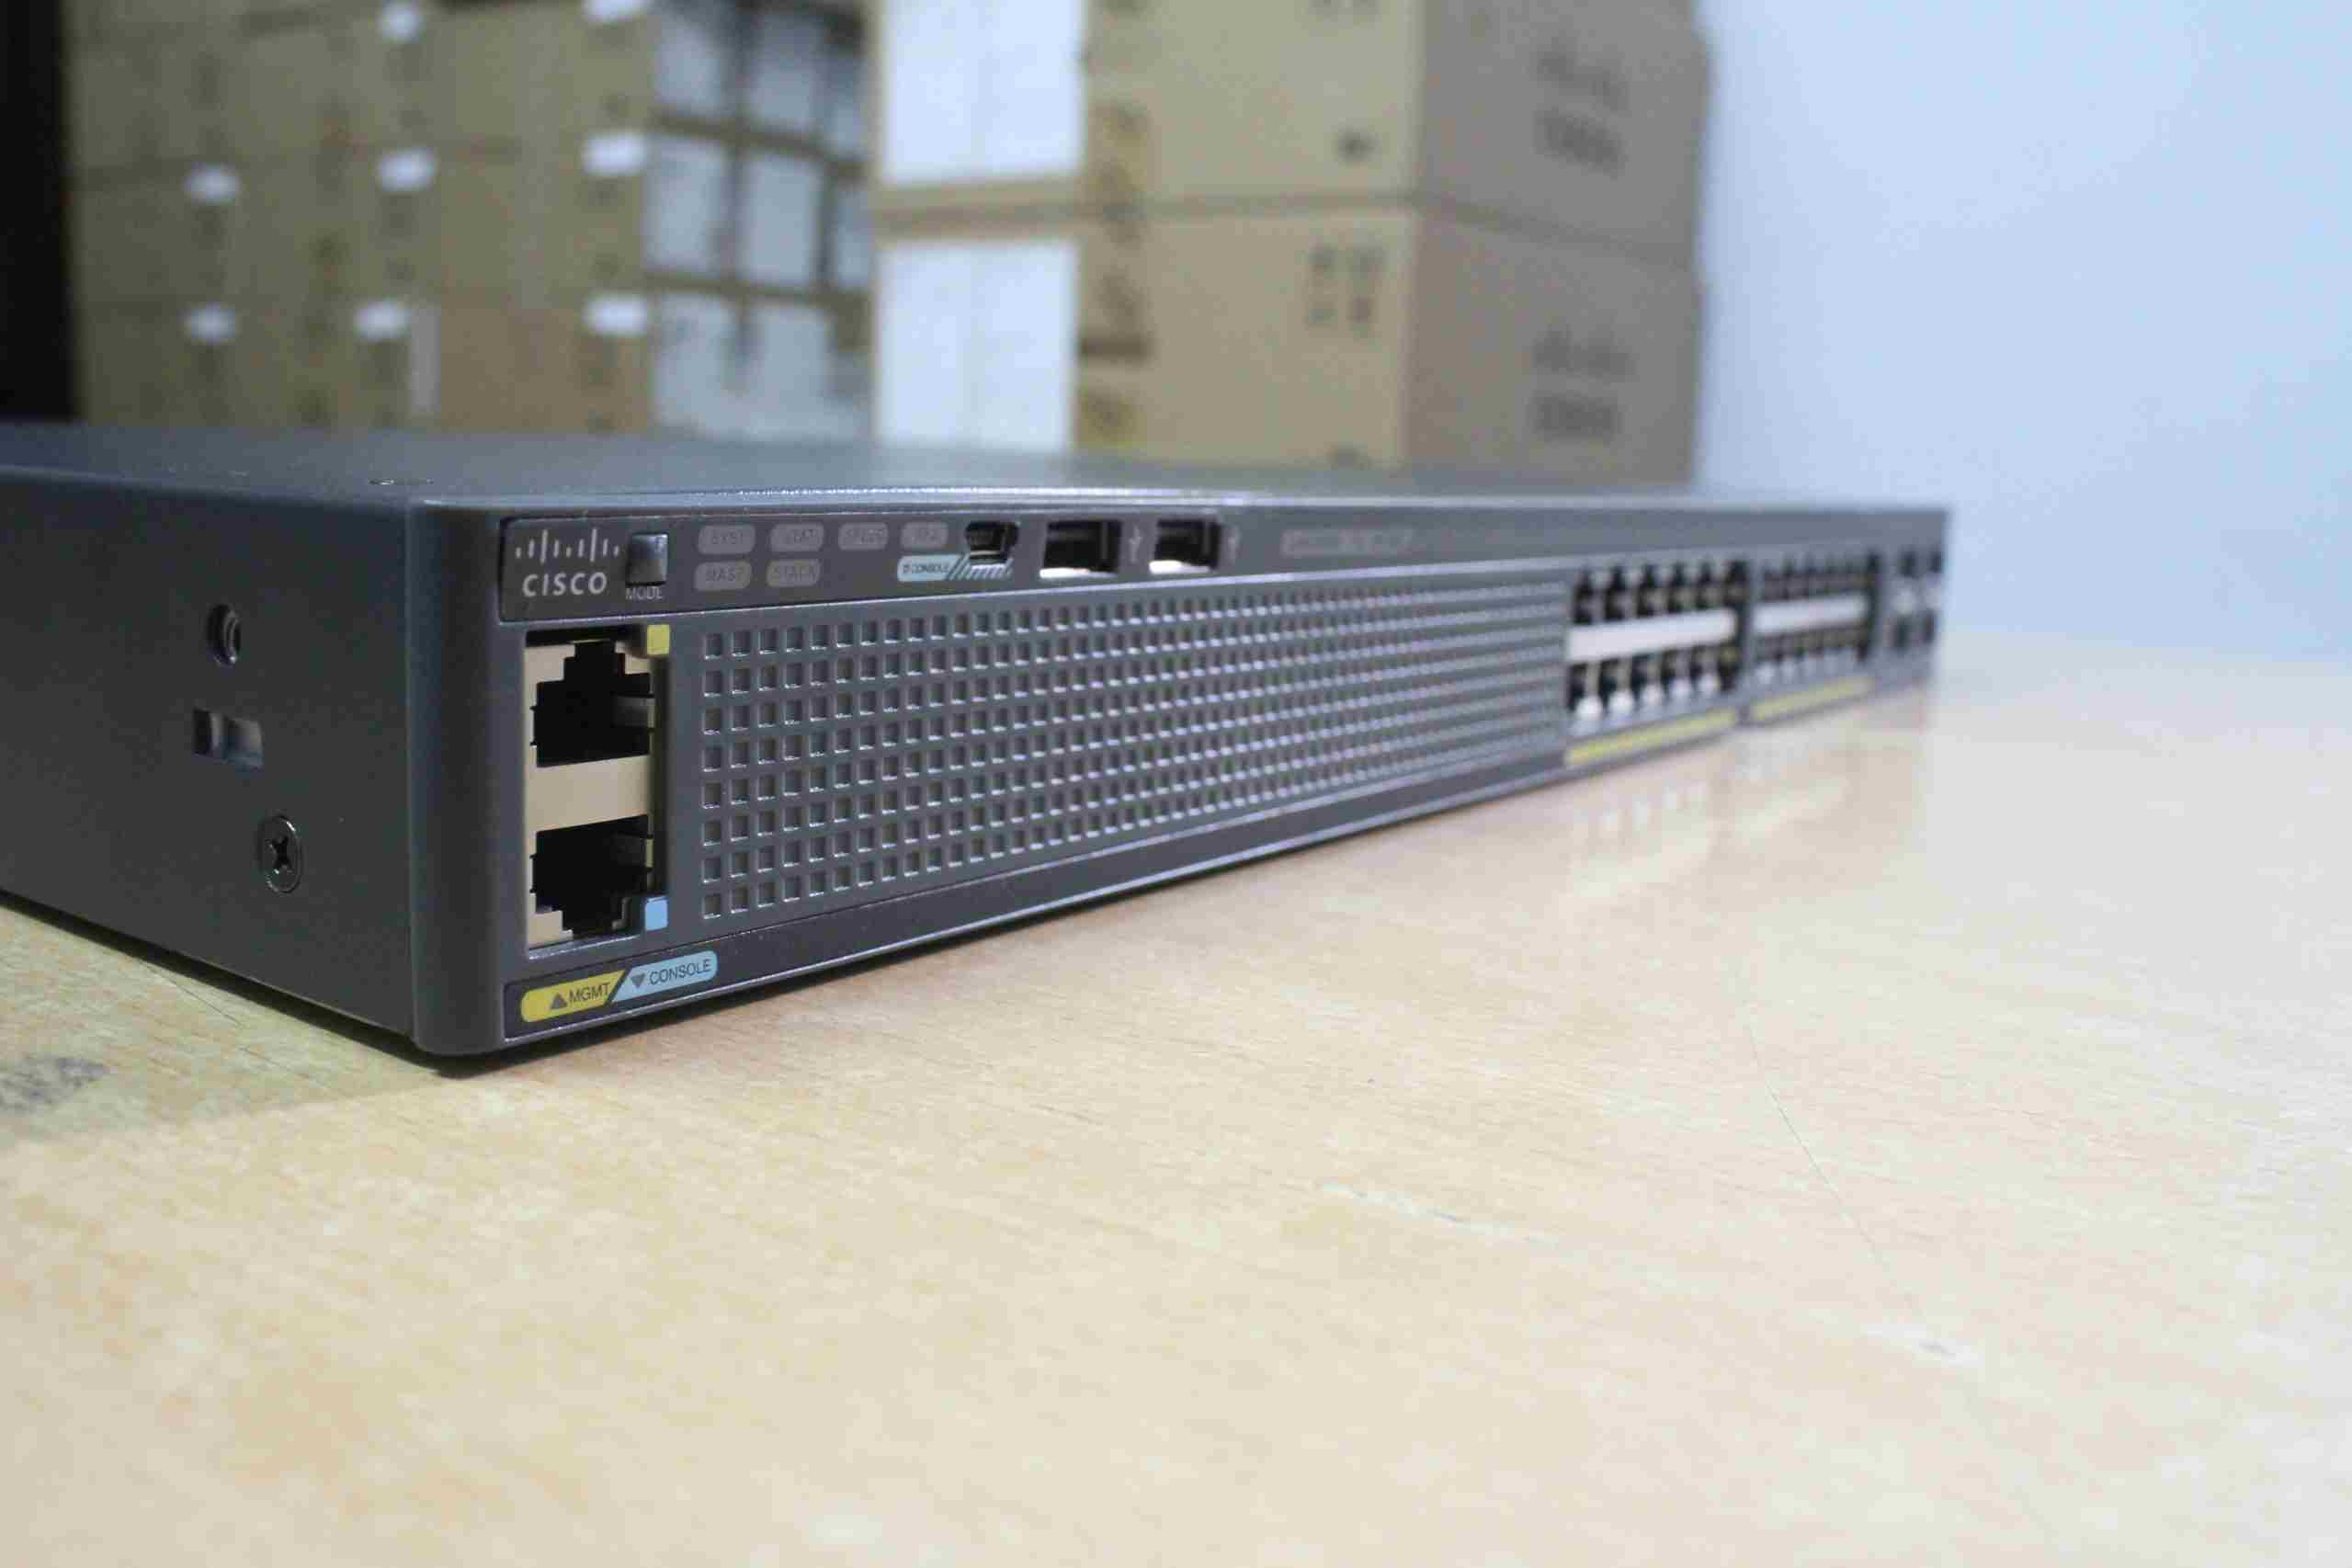 Phân phối switch Cisco 2960 24 ports chính hãng